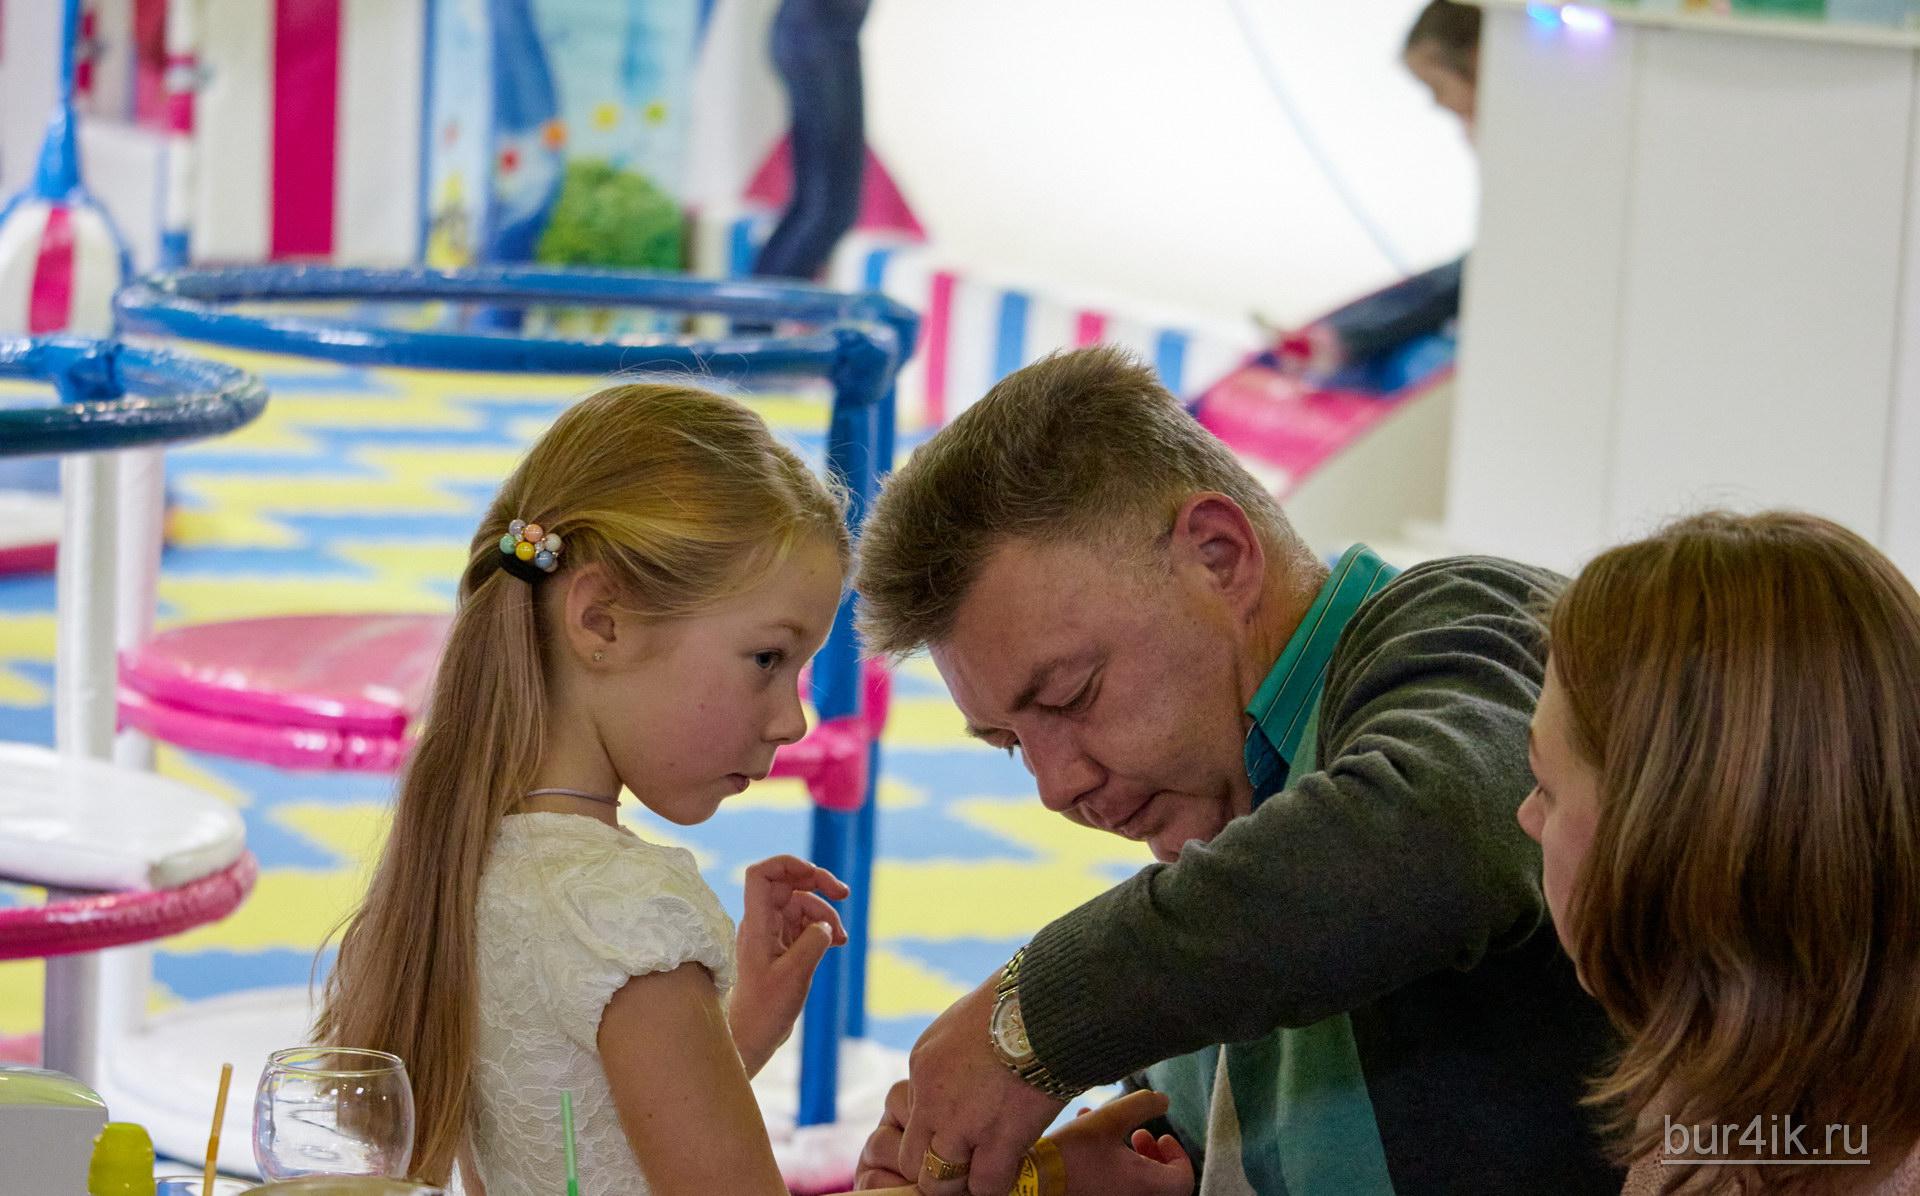 Фото Детское День Рождения в Детский Дворик 15.01.2020 №234 -photo- bur4ik.ru